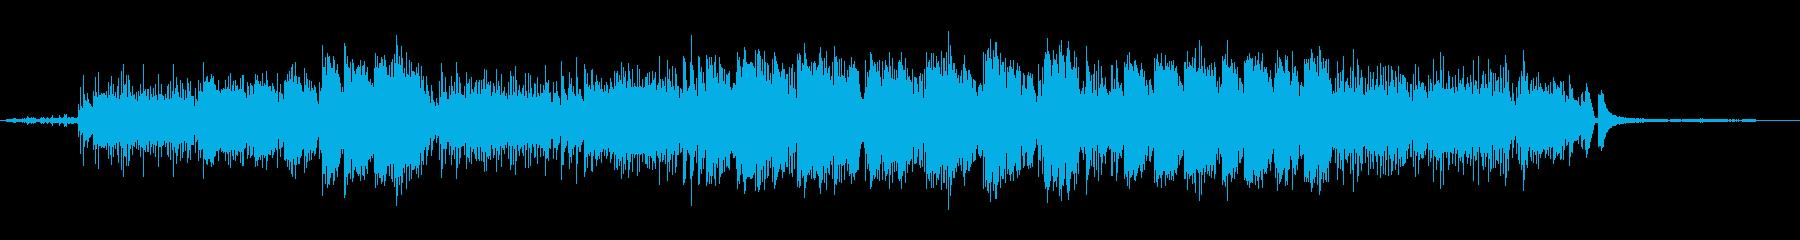 舟の再生済みの波形